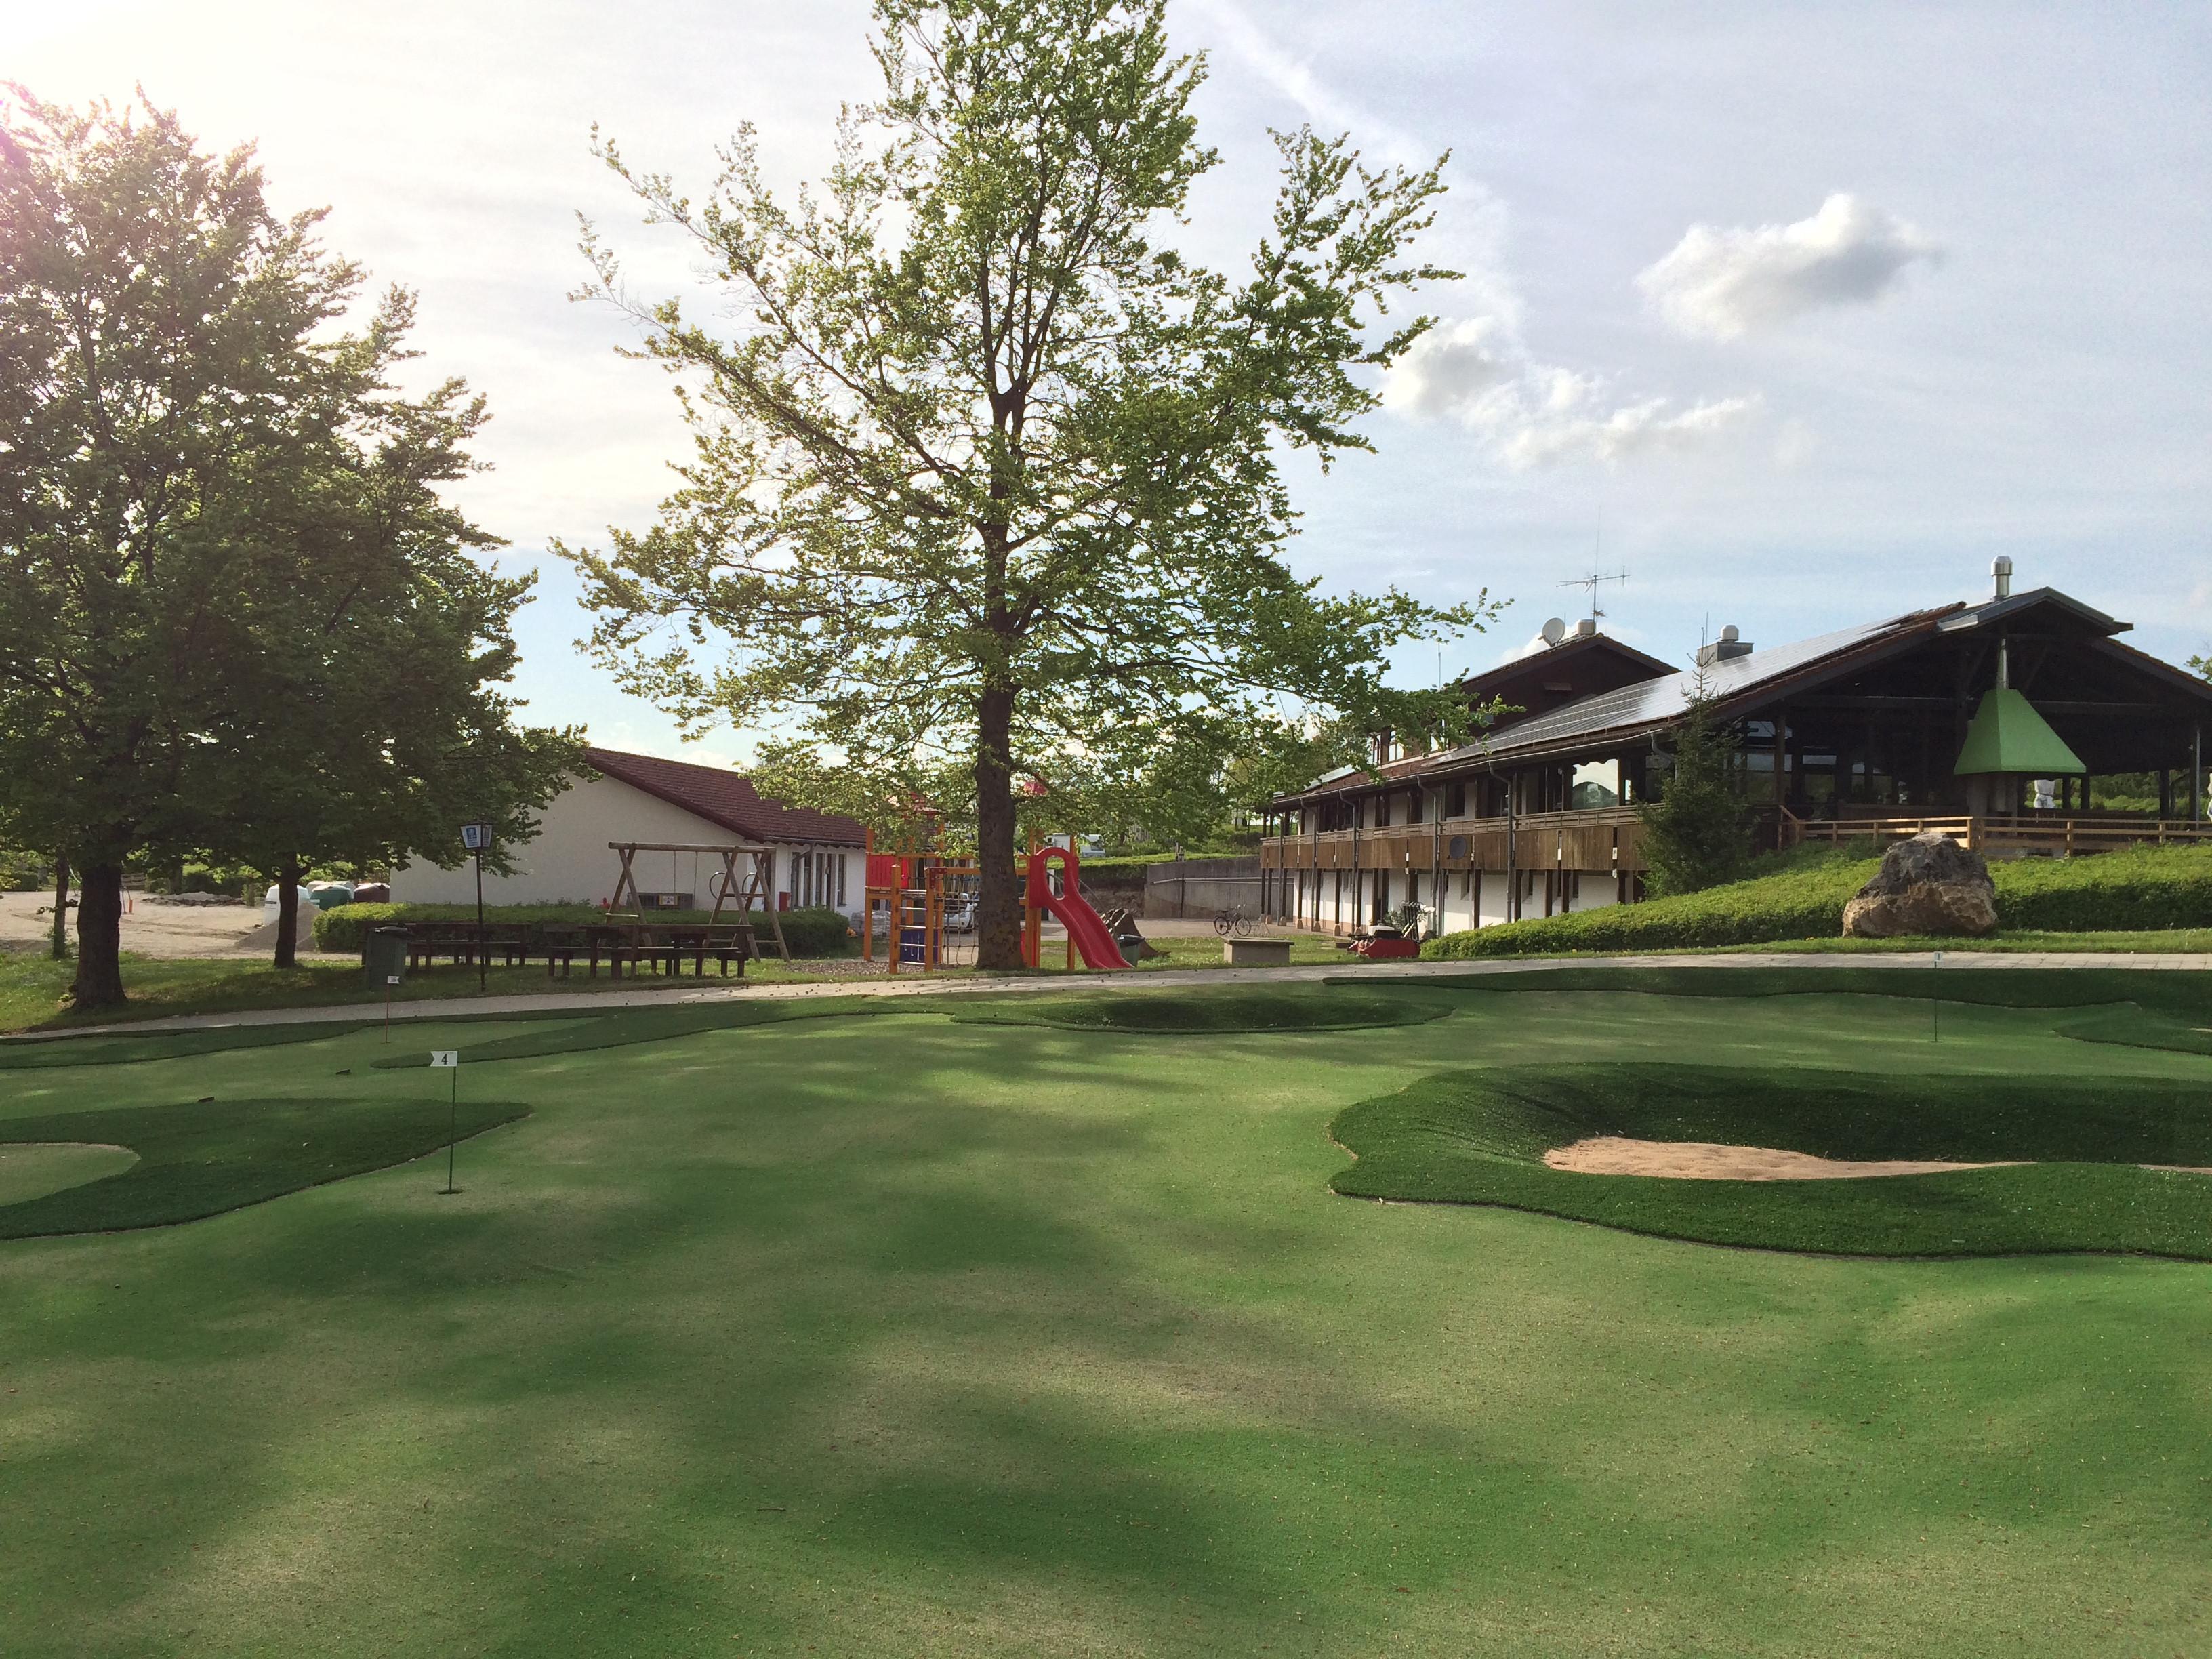 Spiel Golf 1 - 18 Loch